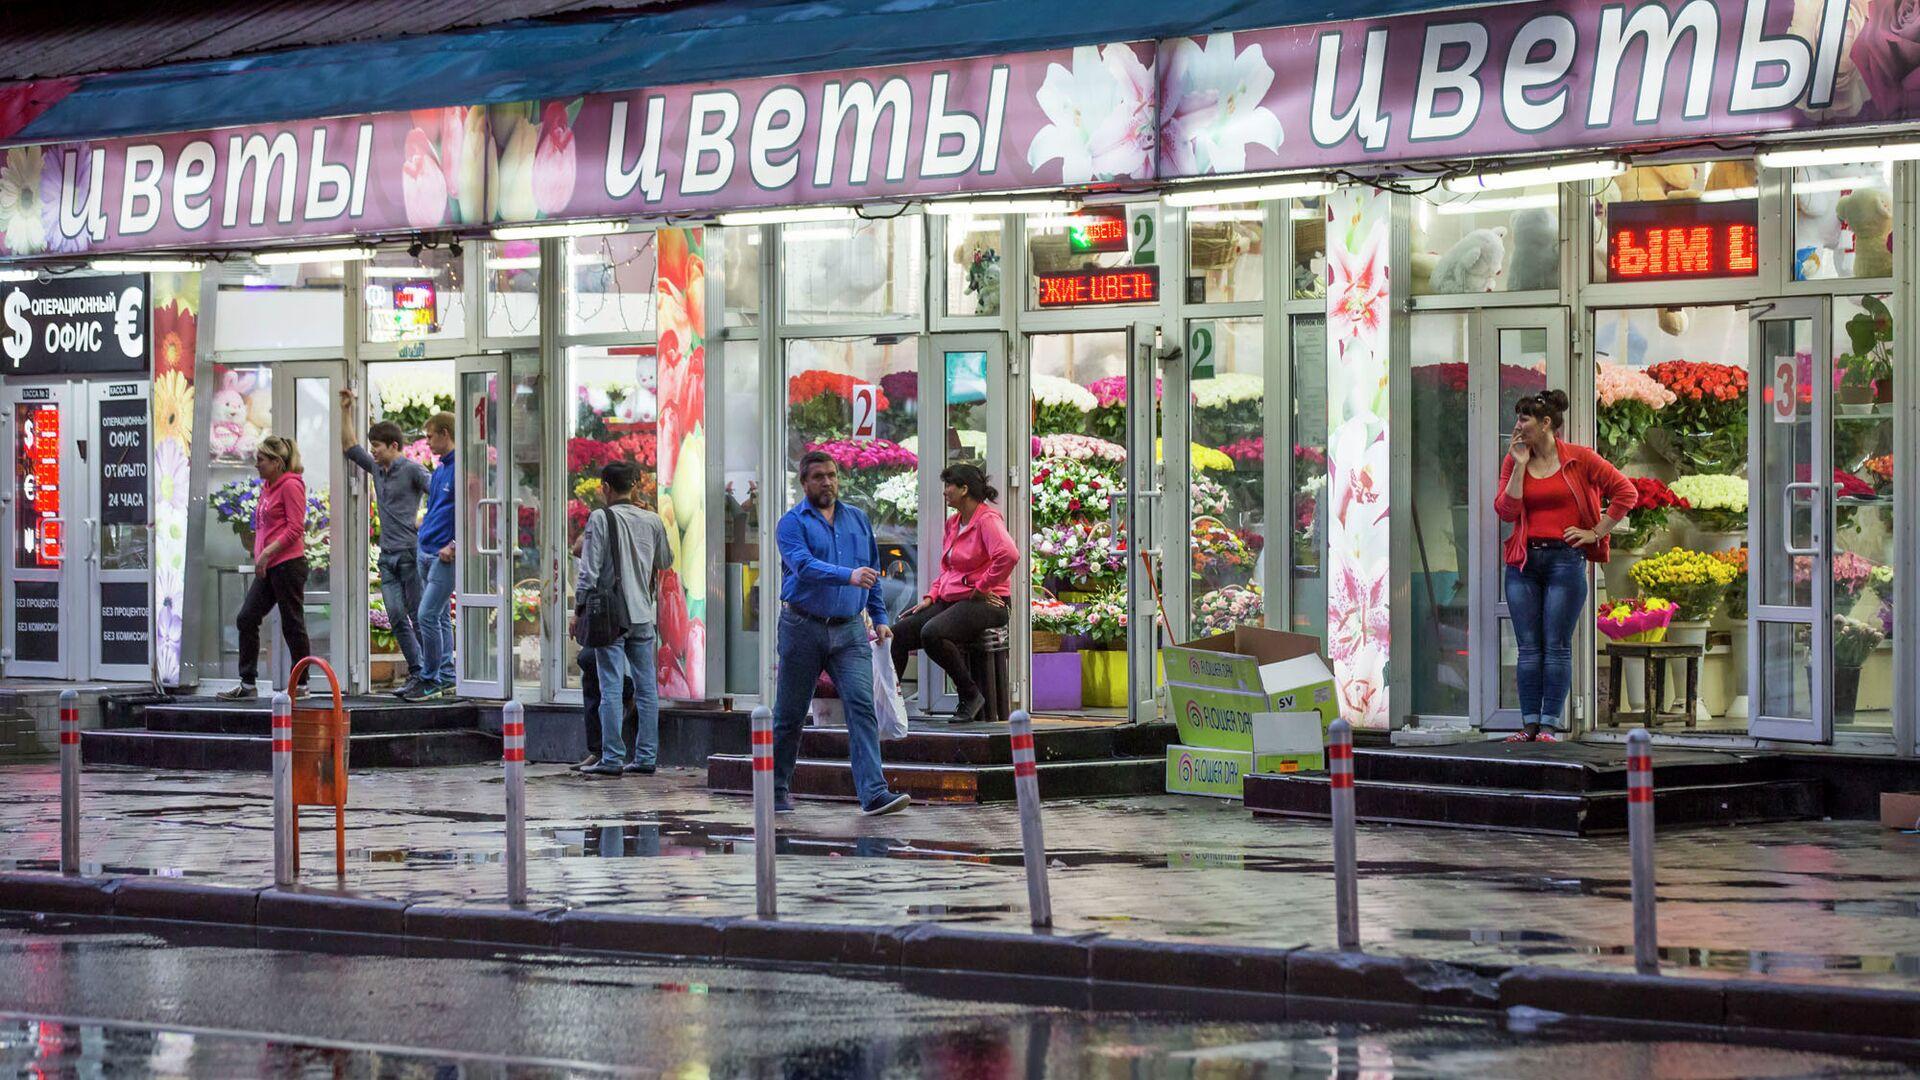 Цветочный магазин - РИА Новости, 1920, 02.03.2021